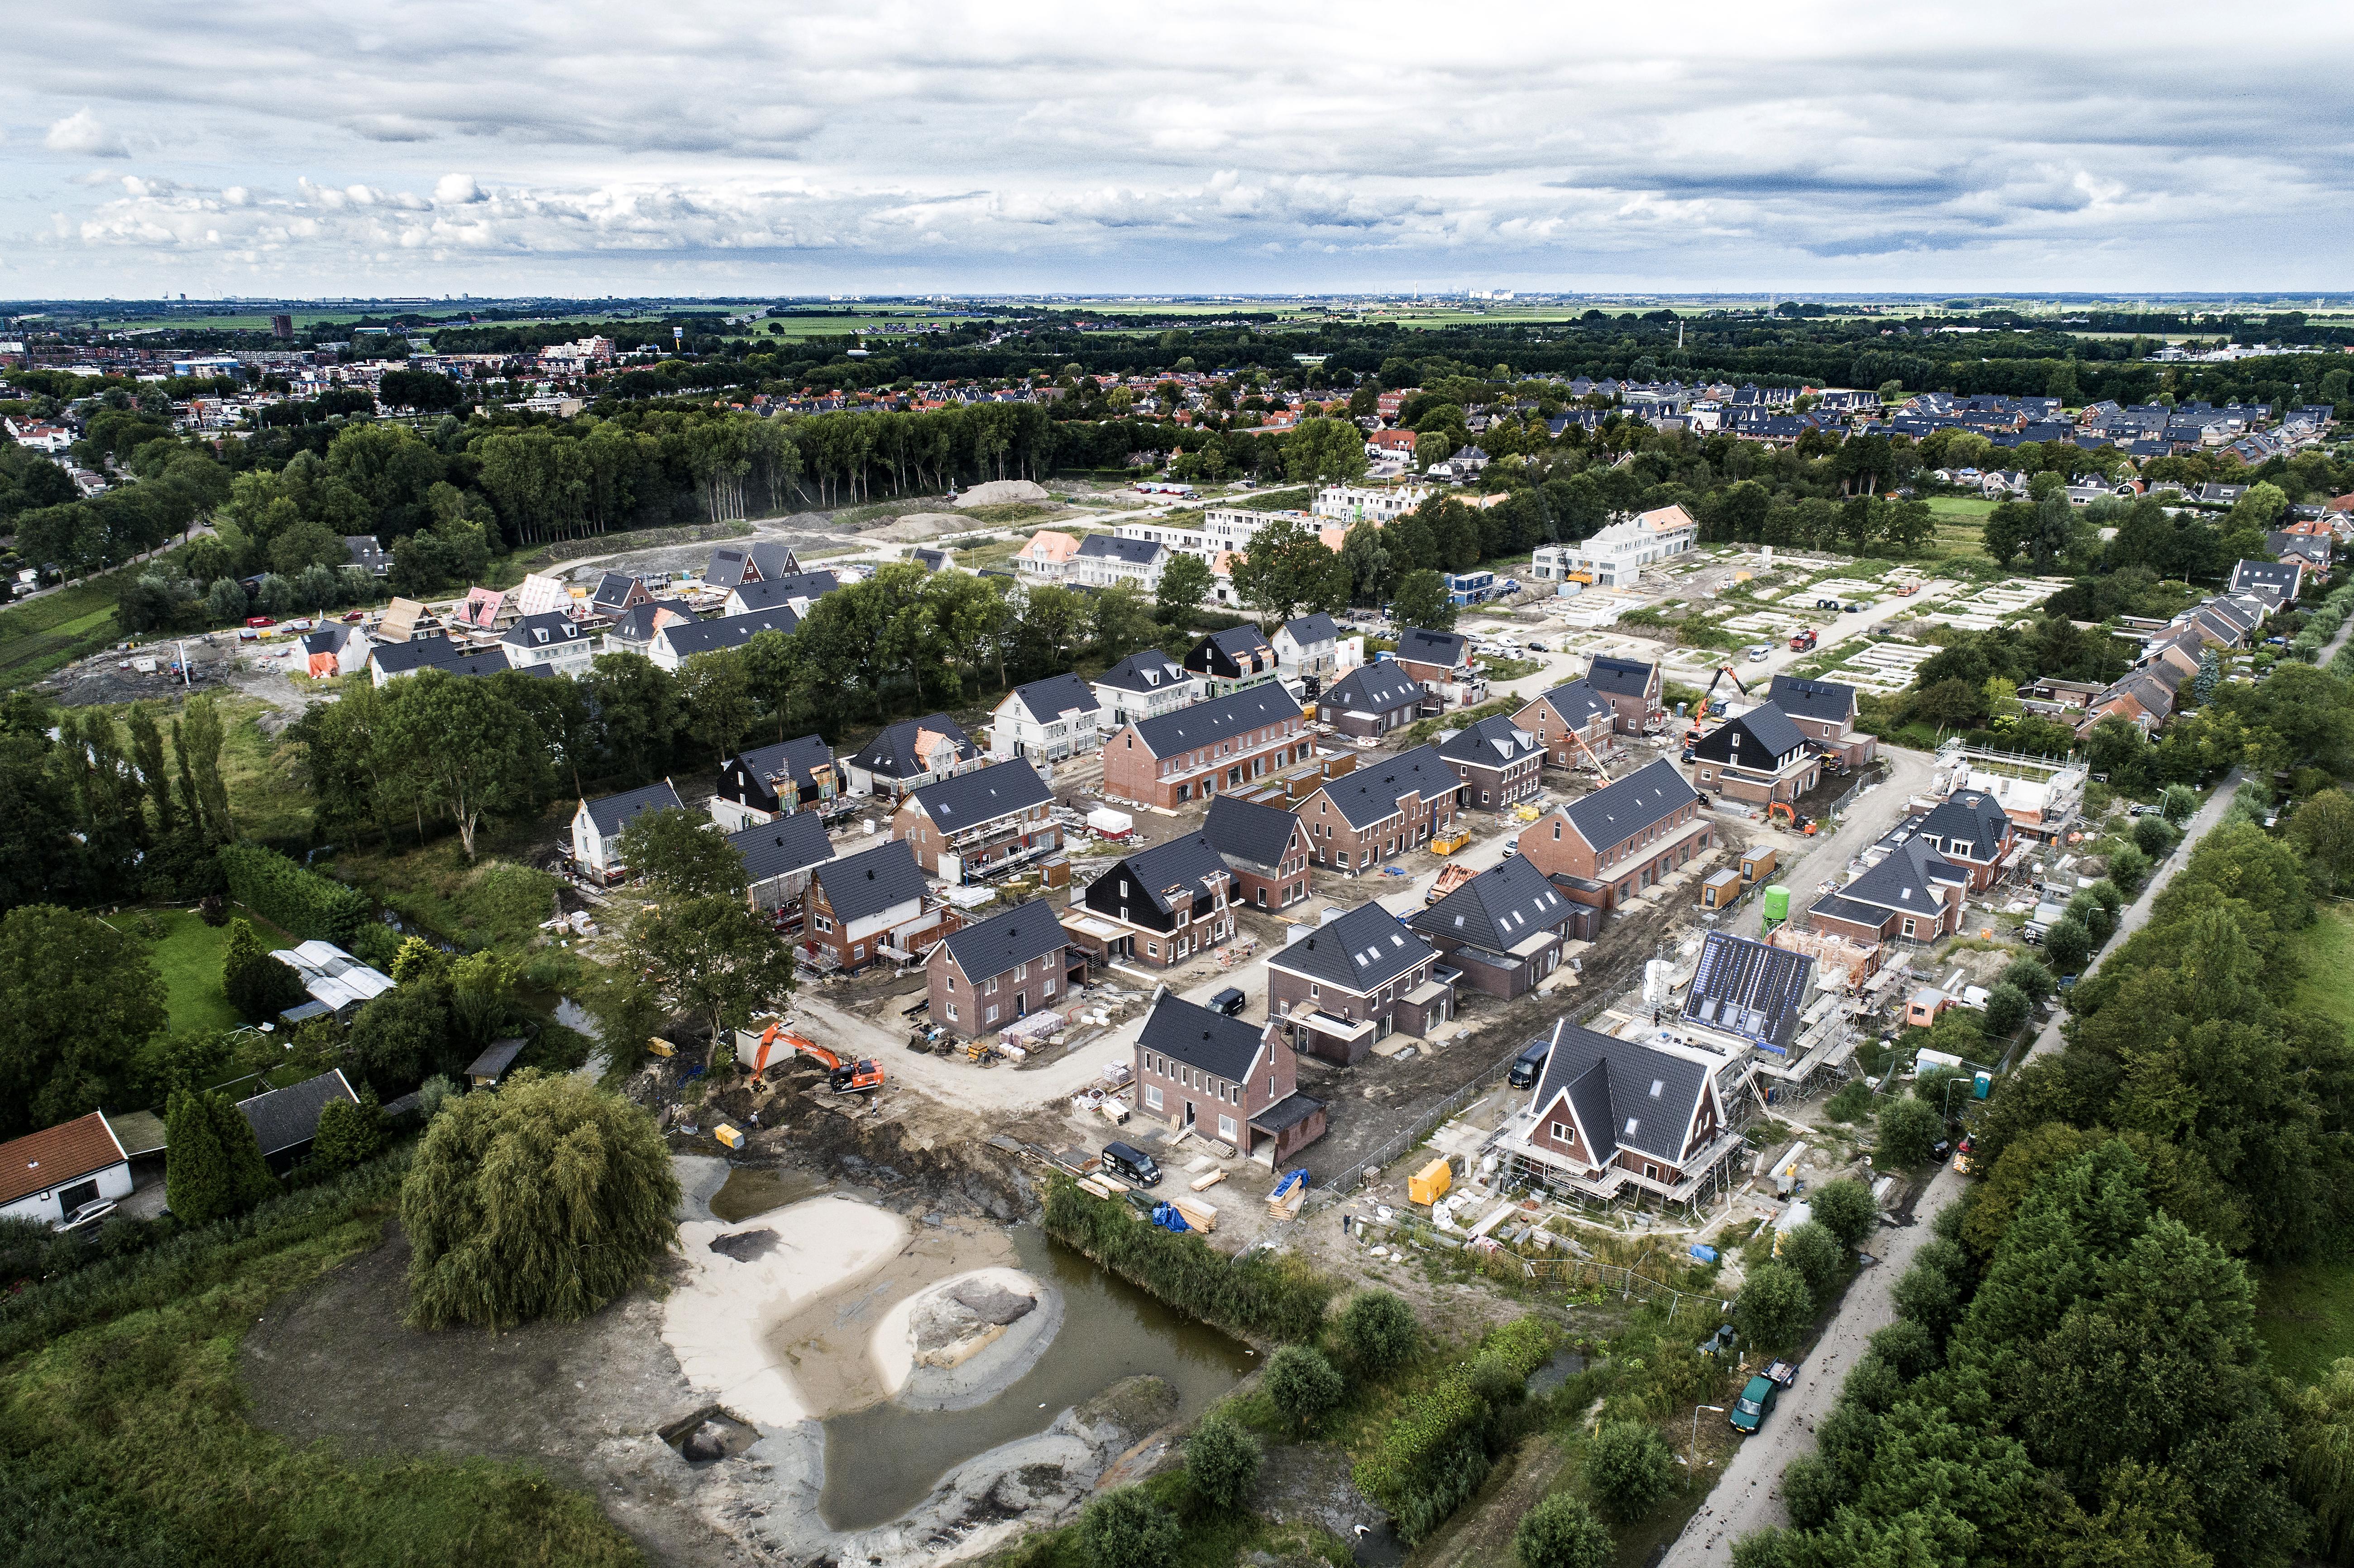 Zwembad Wilgenhoek is nog slechts herinnering (luchtfoto)